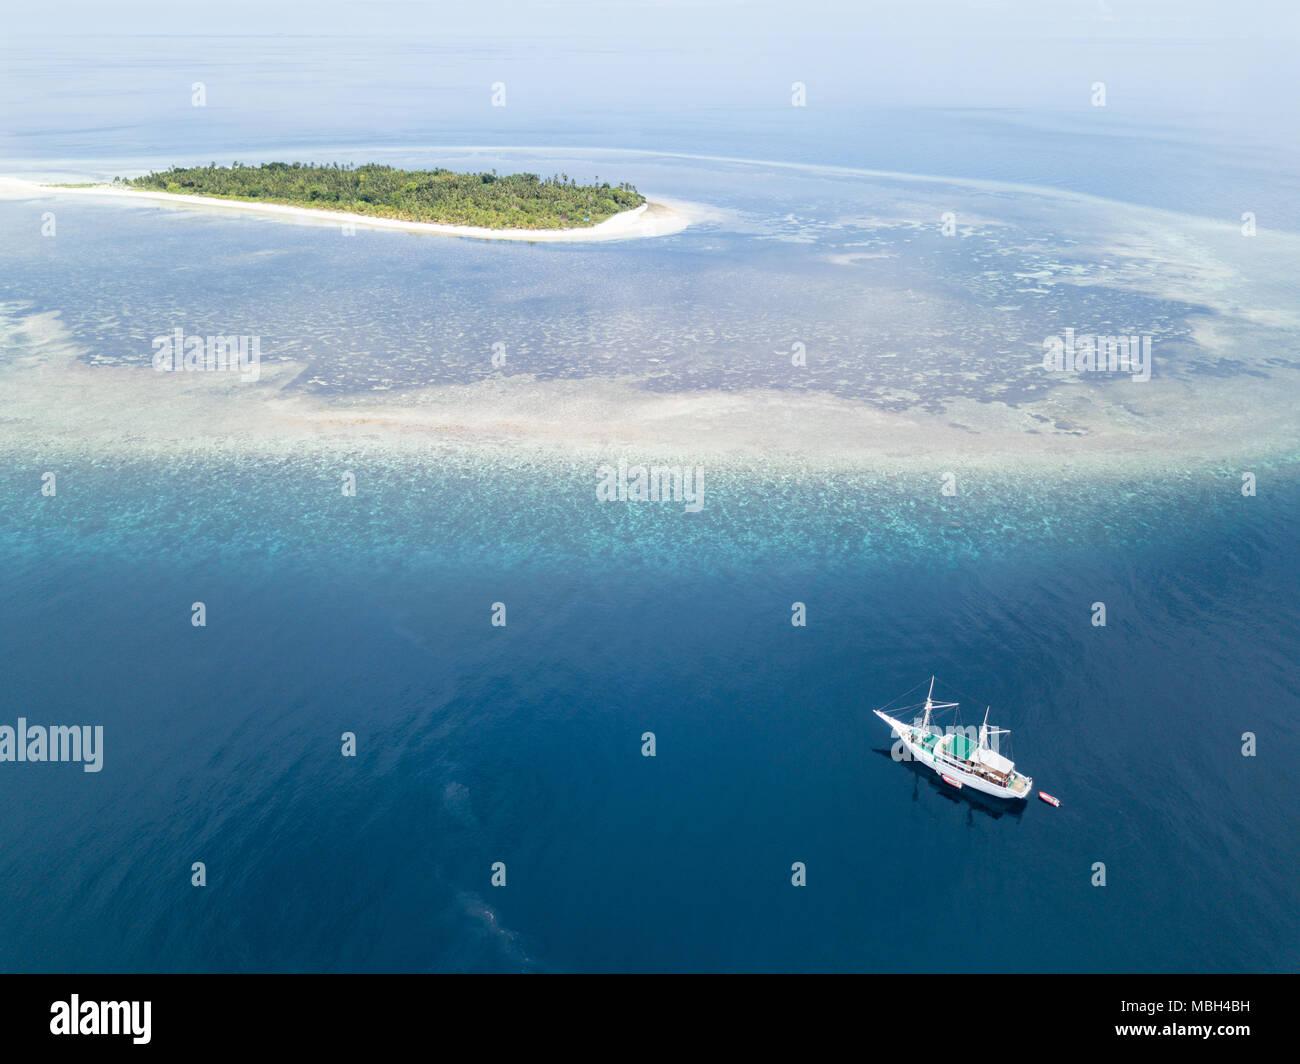 Un Pinisi schooner derive nei pressi di una remota isola tropicale nella banda del mare. Questa regione è nel triangolo di corallo e presenta una elevata biodiversità marina. Immagini Stock